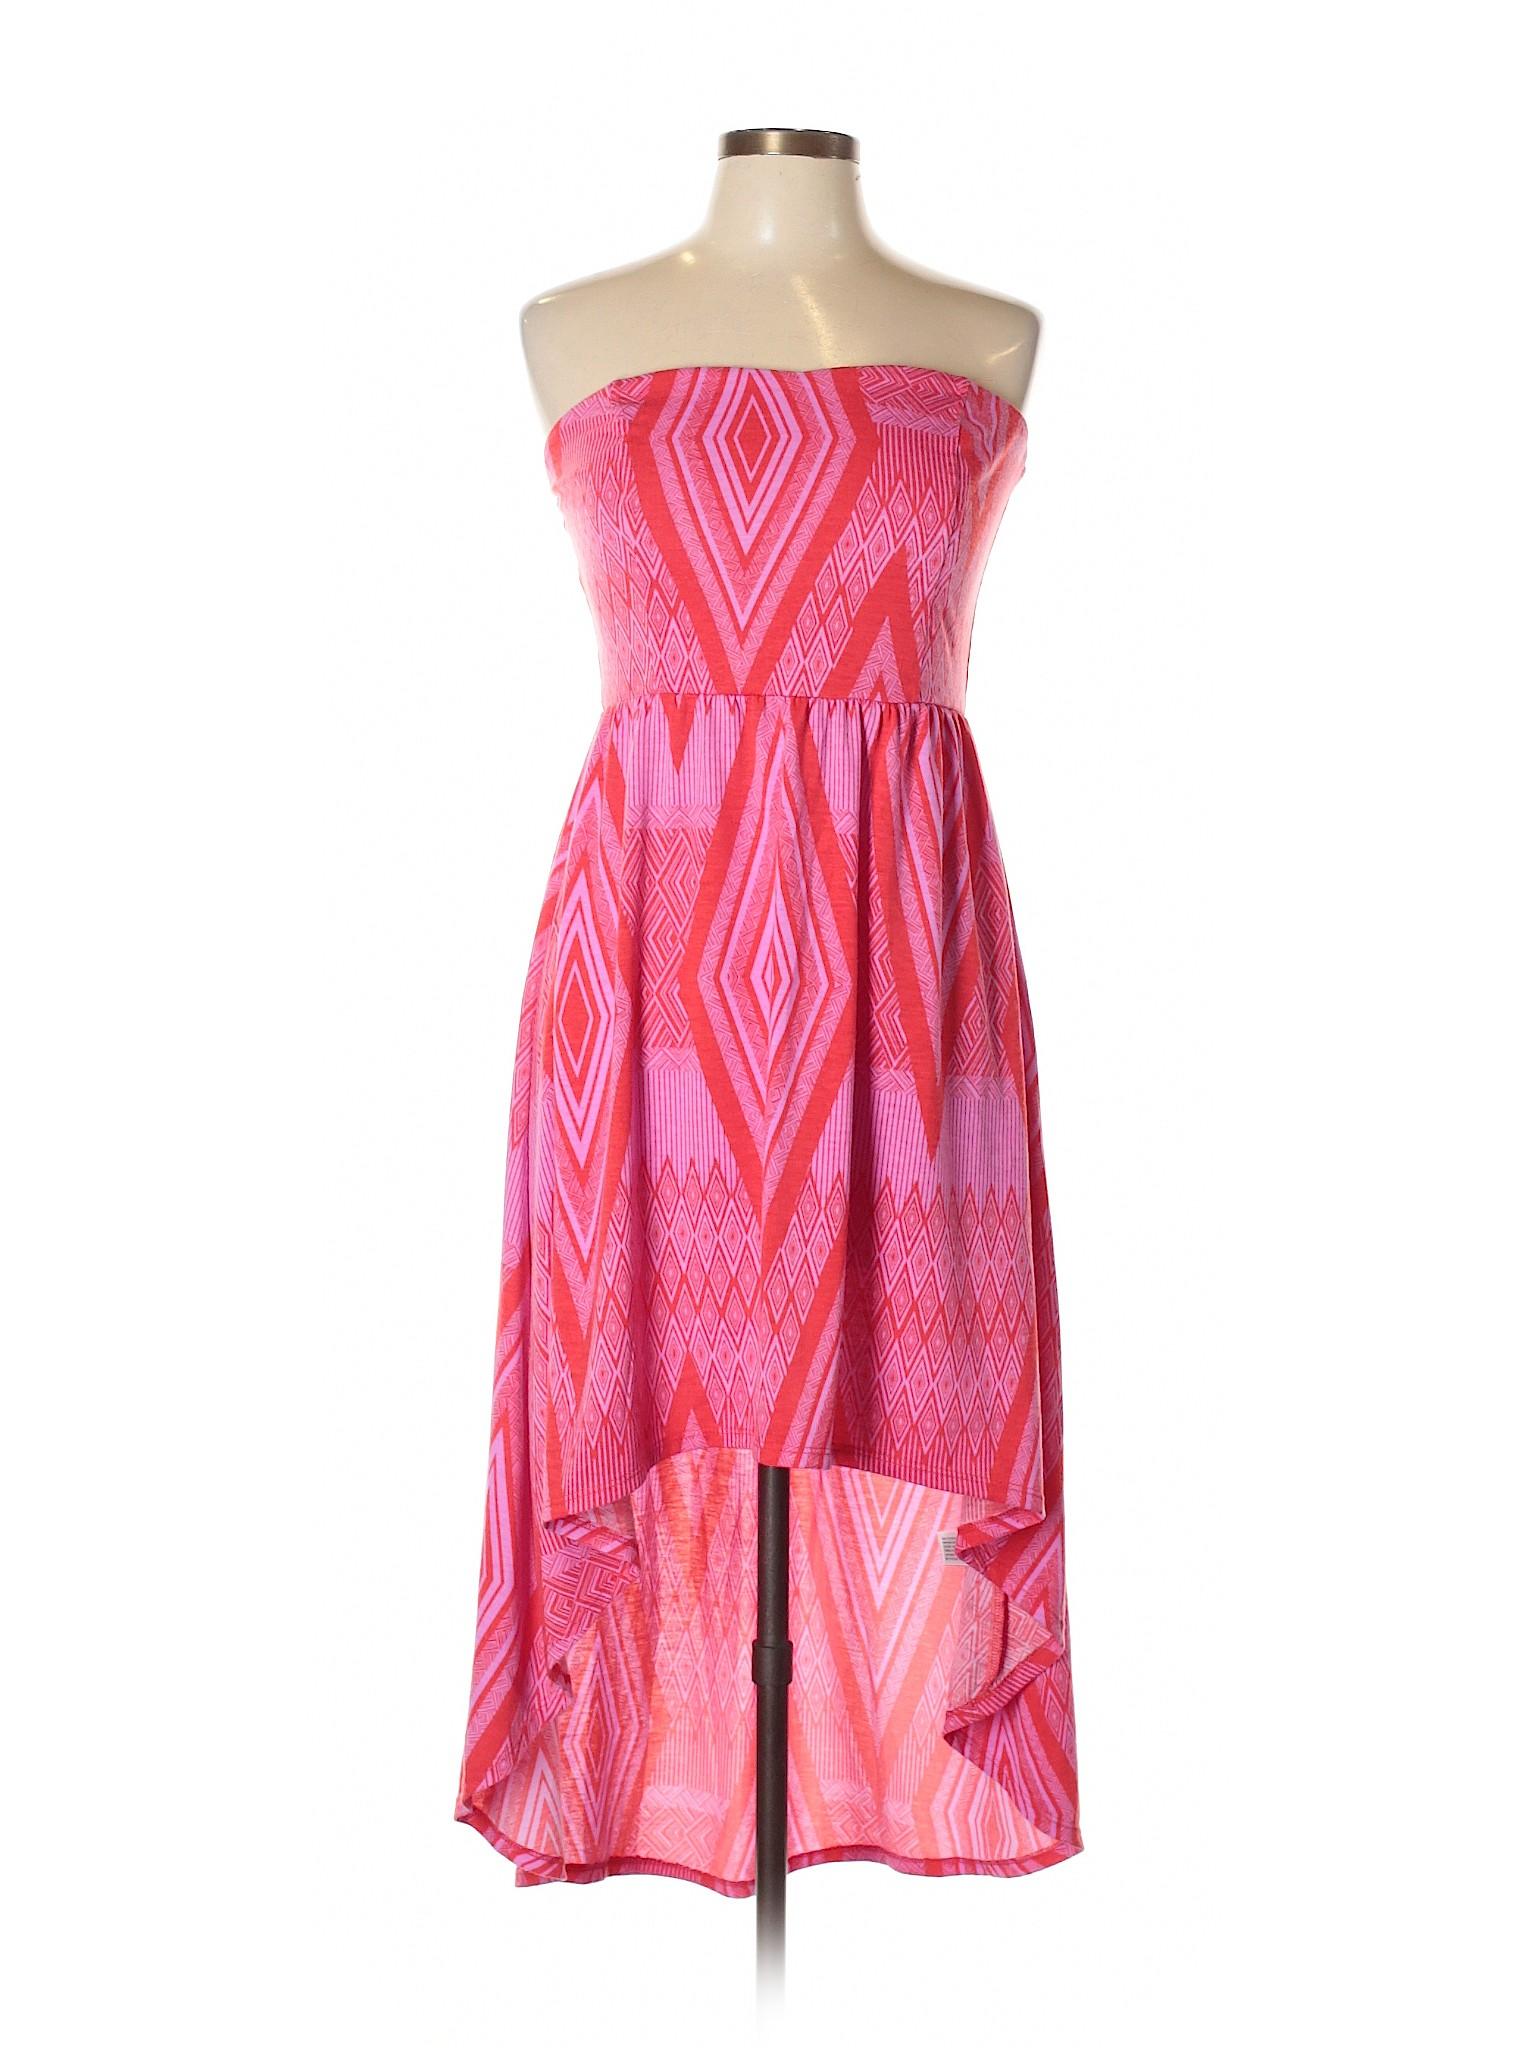 Casual Xhilaration Dress Xhilaration Xhilaration Selling Dress Selling Selling Casual zPHTqwCTxU